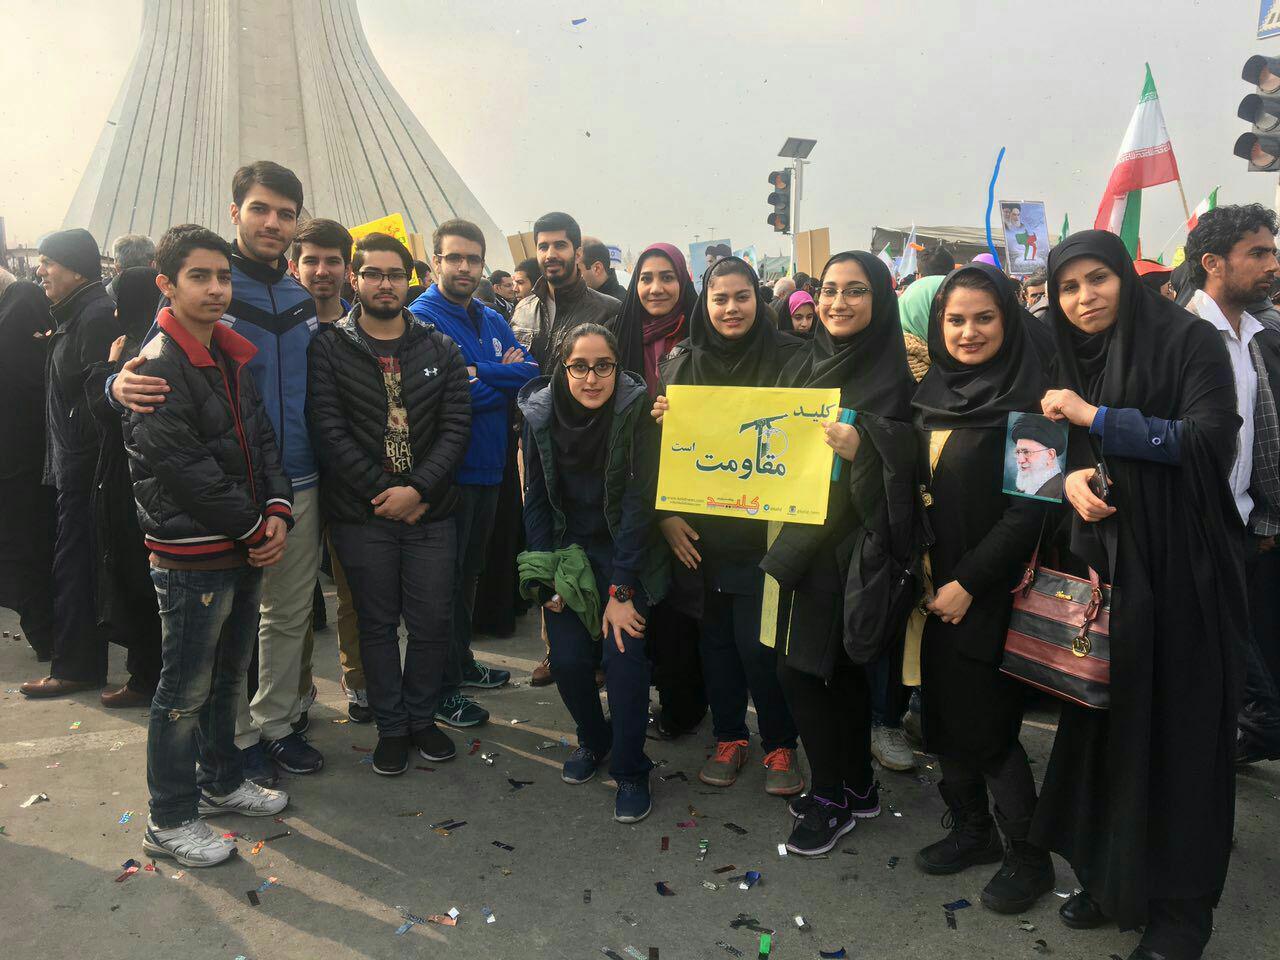 حضور مسئولان و قهرمانان ورزشی در مراسم راهپیمایی 22 بهمن